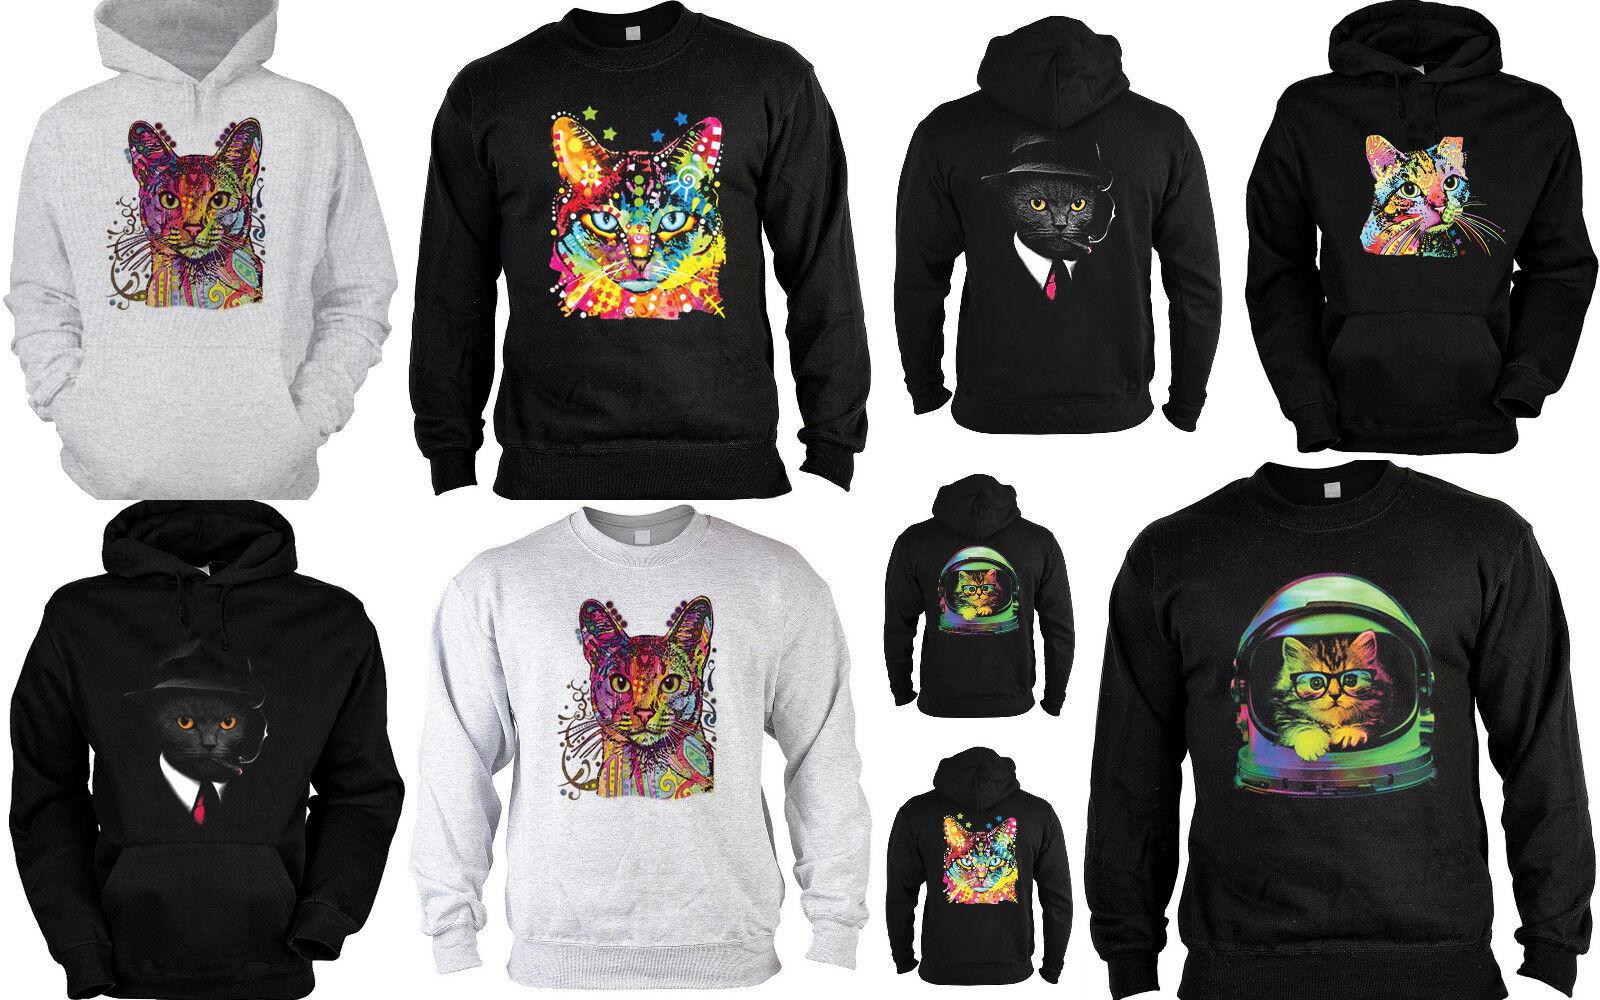 Katzen Sweater - Kapuzensweater - Zip Hoodie Katzen Neon Katze Katzenrassen bunt